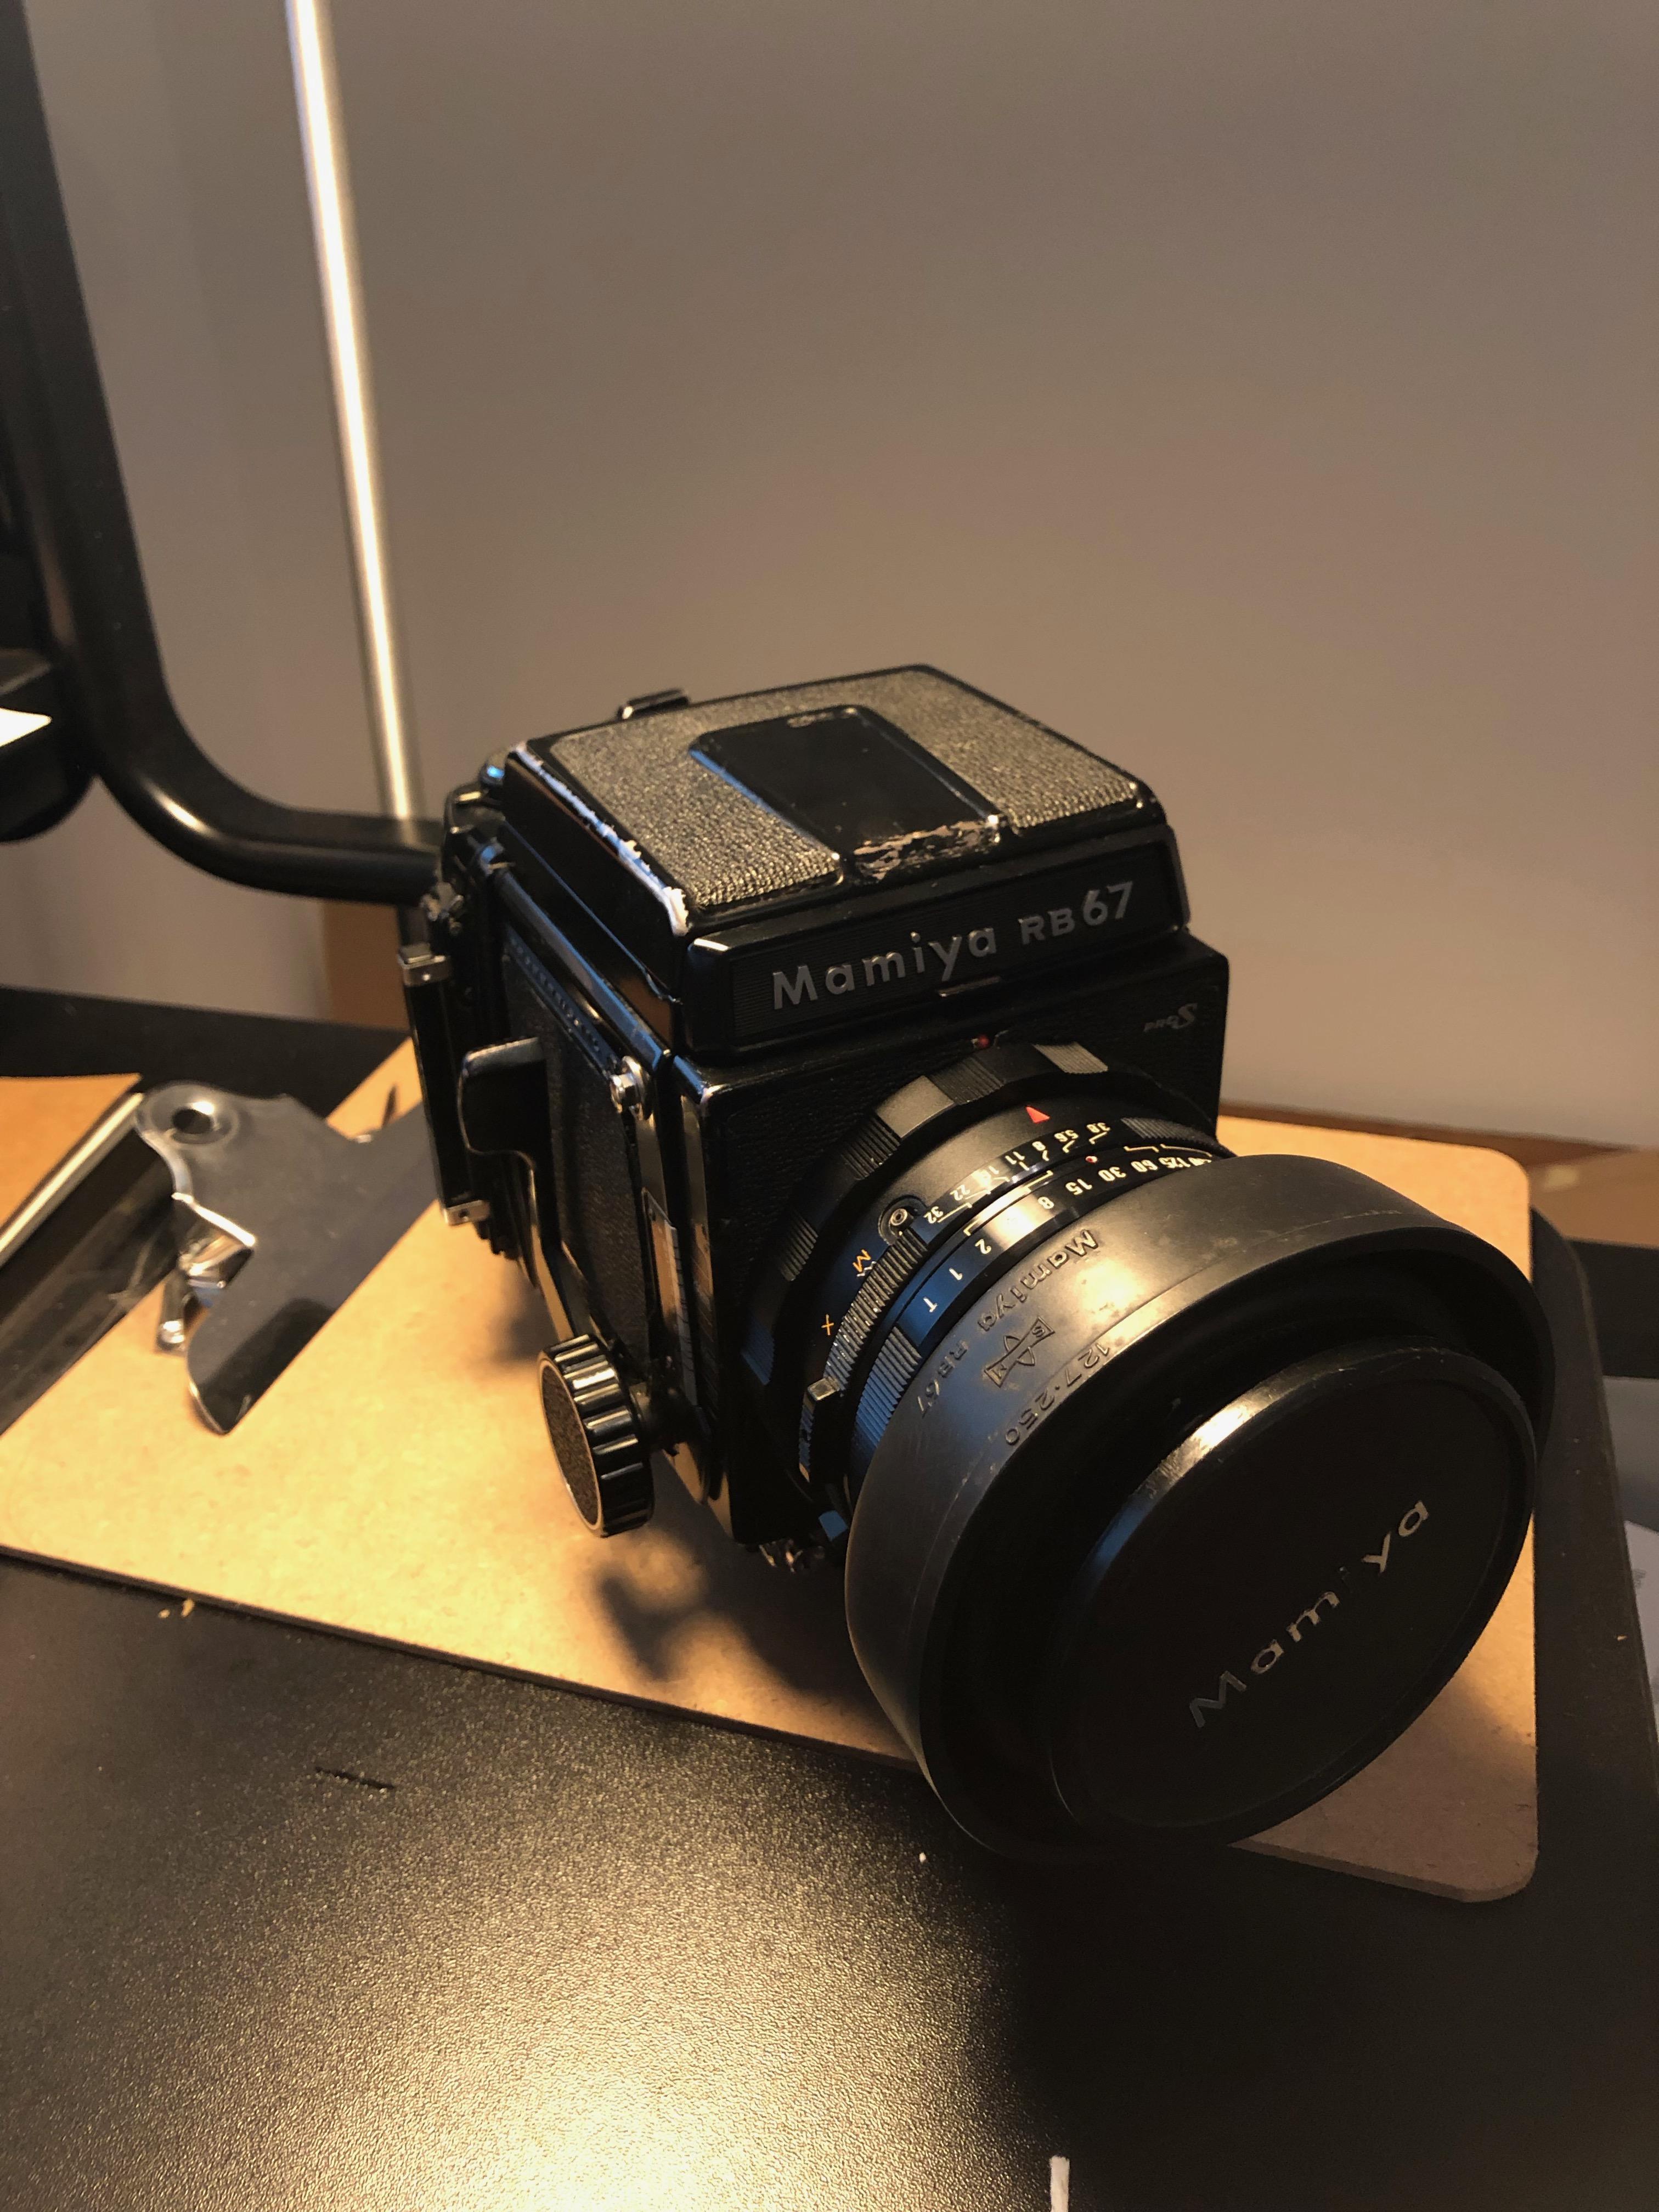 mamiya-rb67-restoration-medium-format-camera-light-seals-leather-132